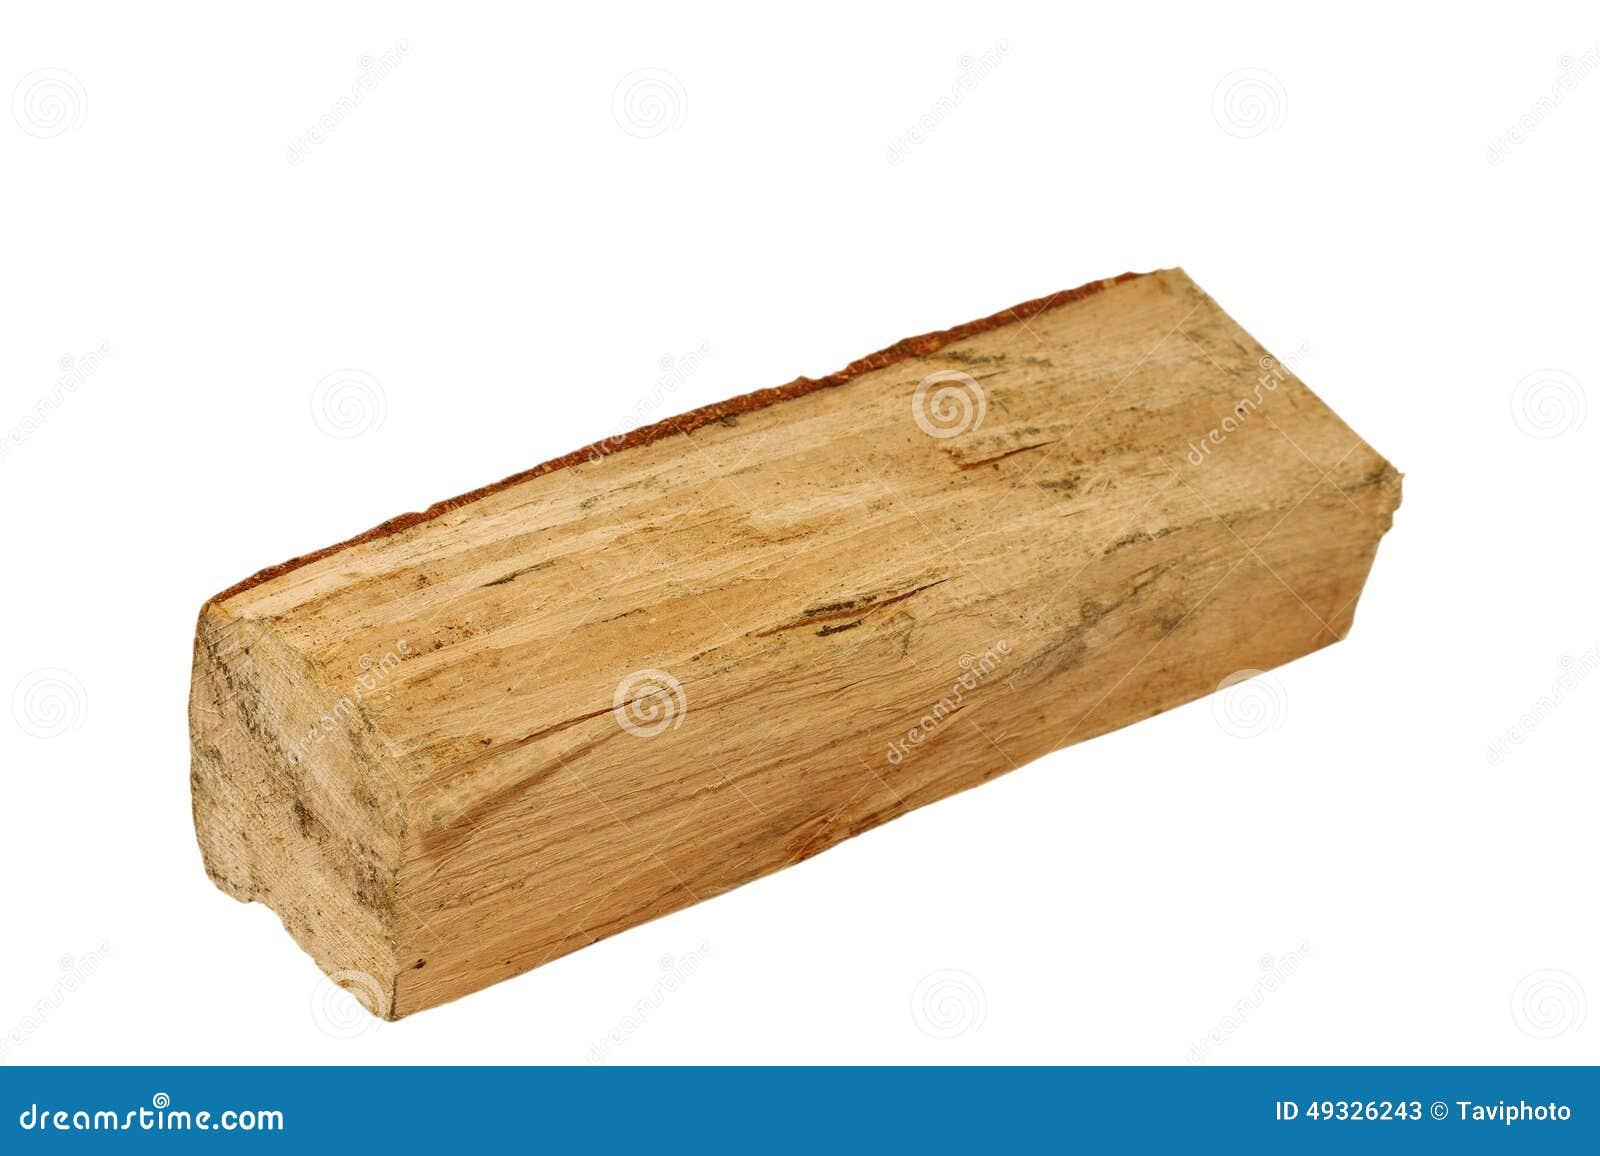 morceau de bois de chauffage photo stock image 49326243. Black Bedroom Furniture Sets. Home Design Ideas